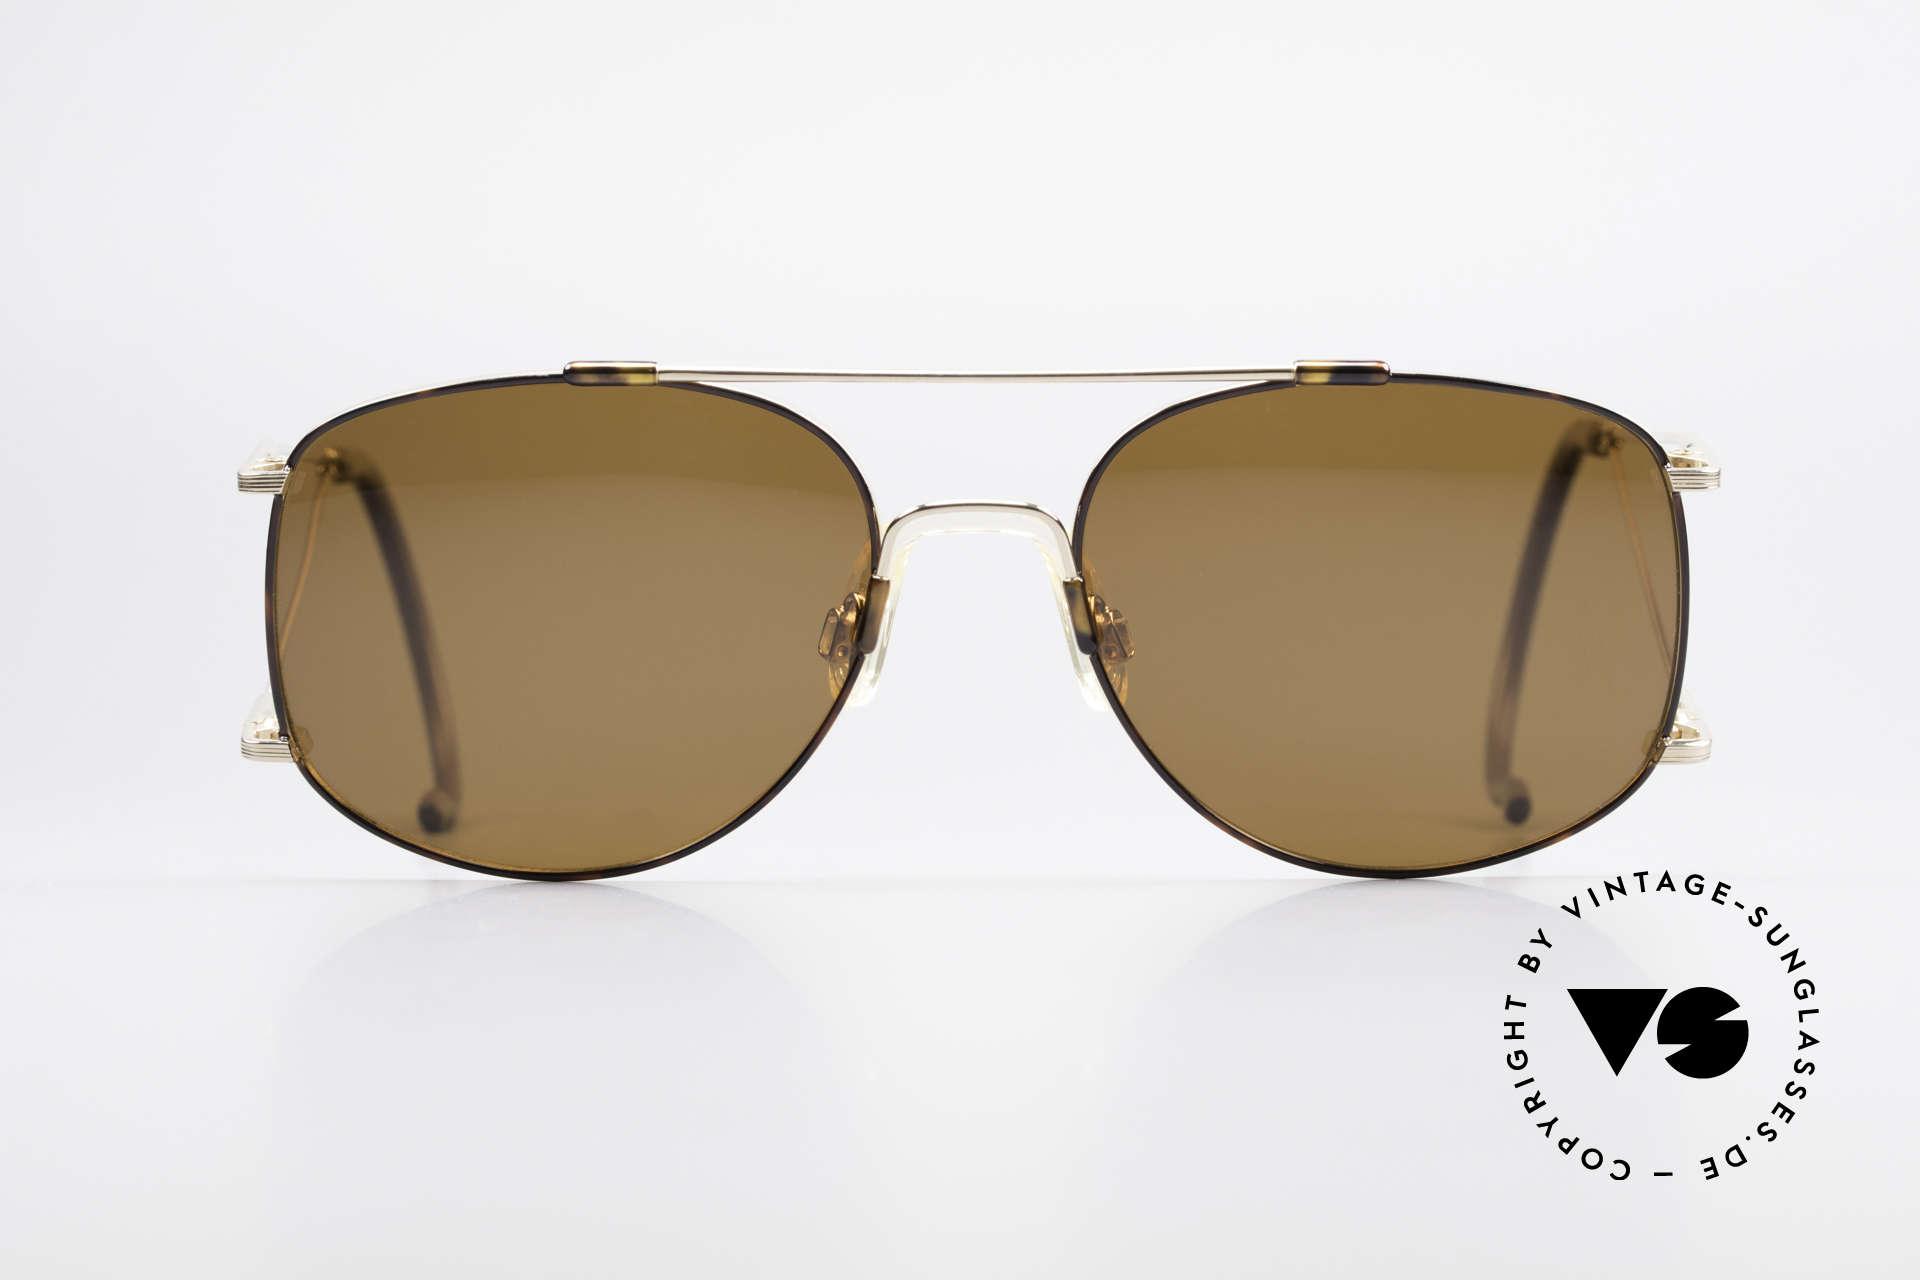 Neostyle Sunsport 1501 Titanflex Vintage Sonnenbrille, enormer Tragekomfort, dank TITAN-FLEX Material, Passend für Herren